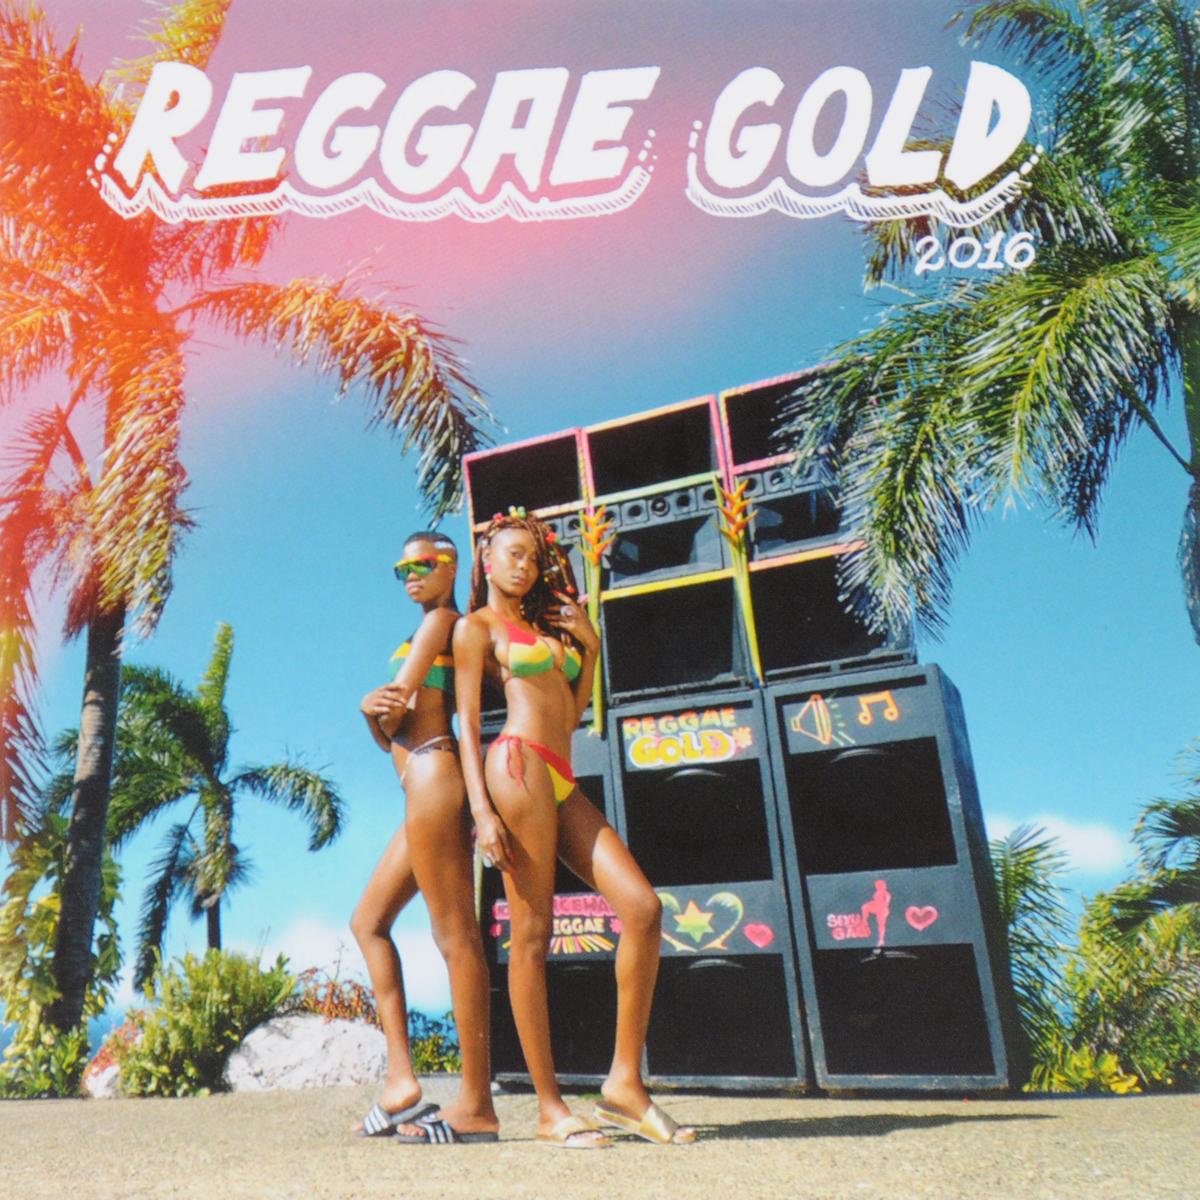 """""""Busy Signal"""",Jamie XX,Young Thug,Popcaan,Кристофер Мартин,Бини Мэн,Элефант Мэн,Dexta Daps,Банжи Гарлин,Tenor Saw,""""Chromatic The Ultimate"""" Reggae Gold 2016 (2 CD)"""